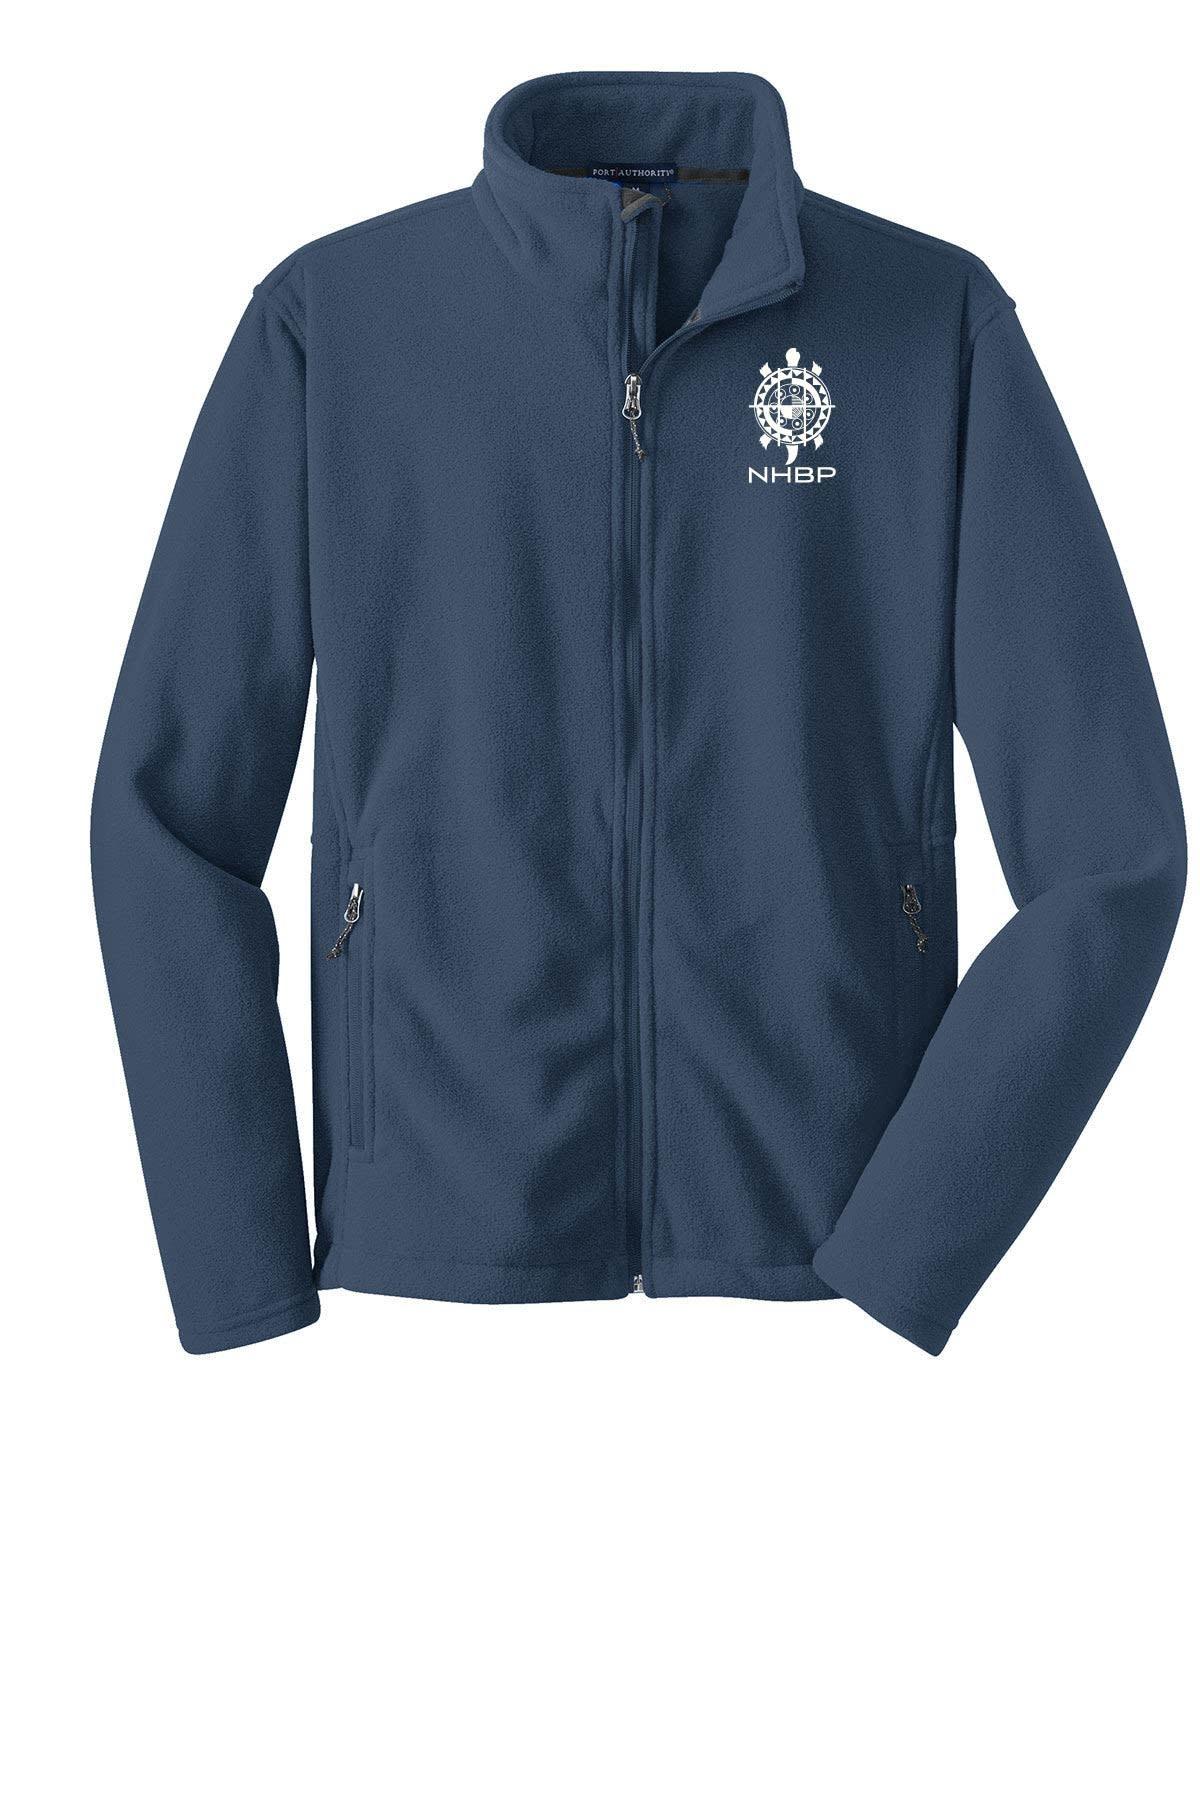 NHBP Men's Fleece Jacket